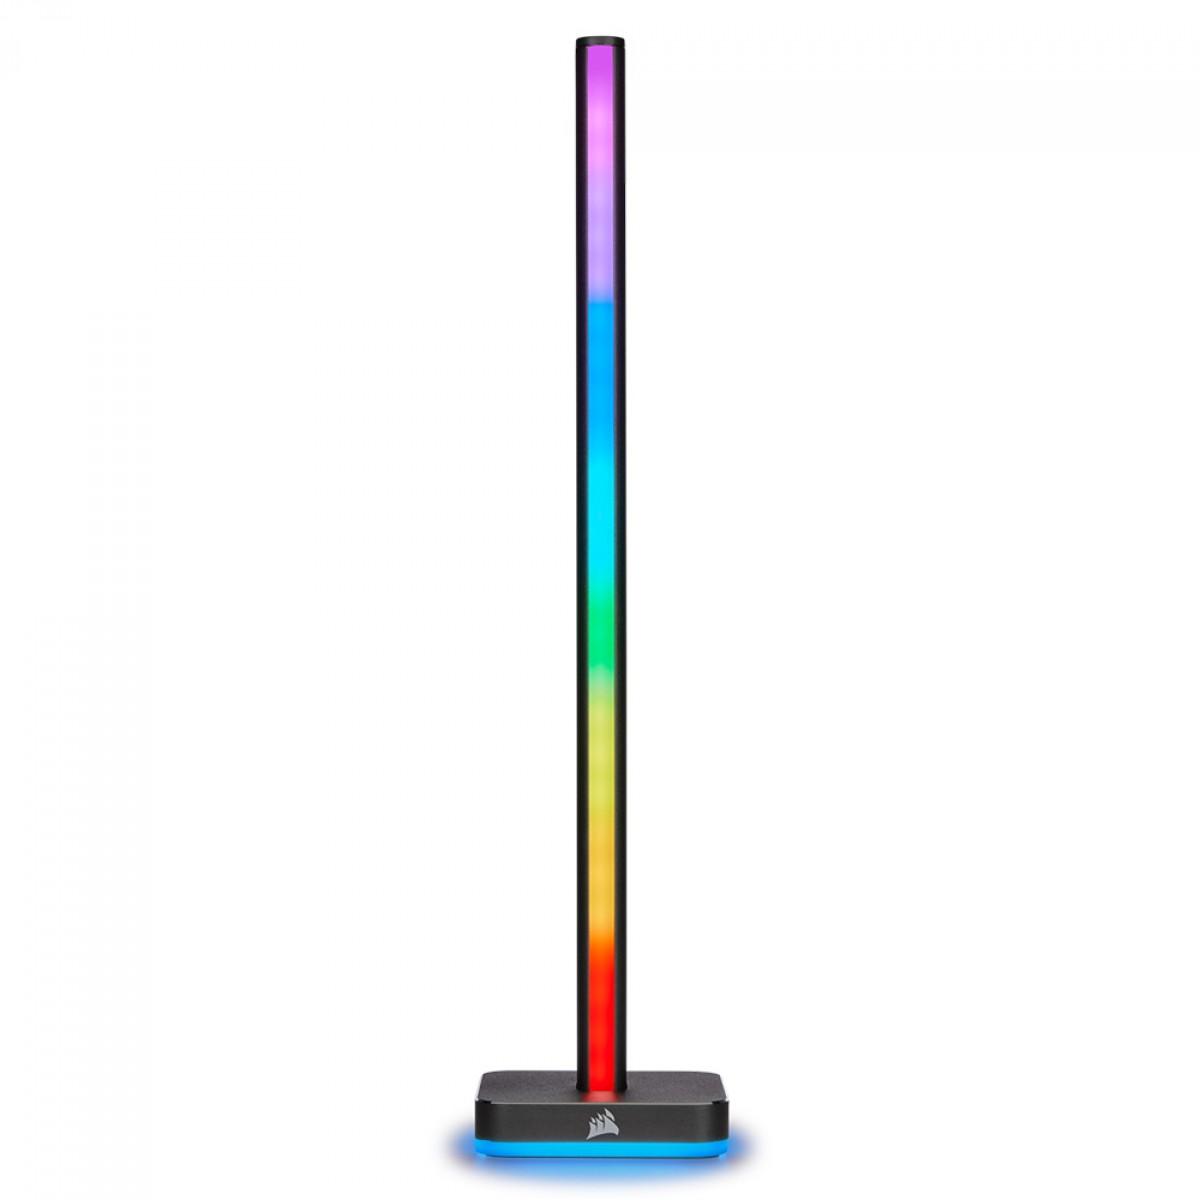 Torre de Iluminação Corsair ICUE LT100, RGB, CD-9010003-WW